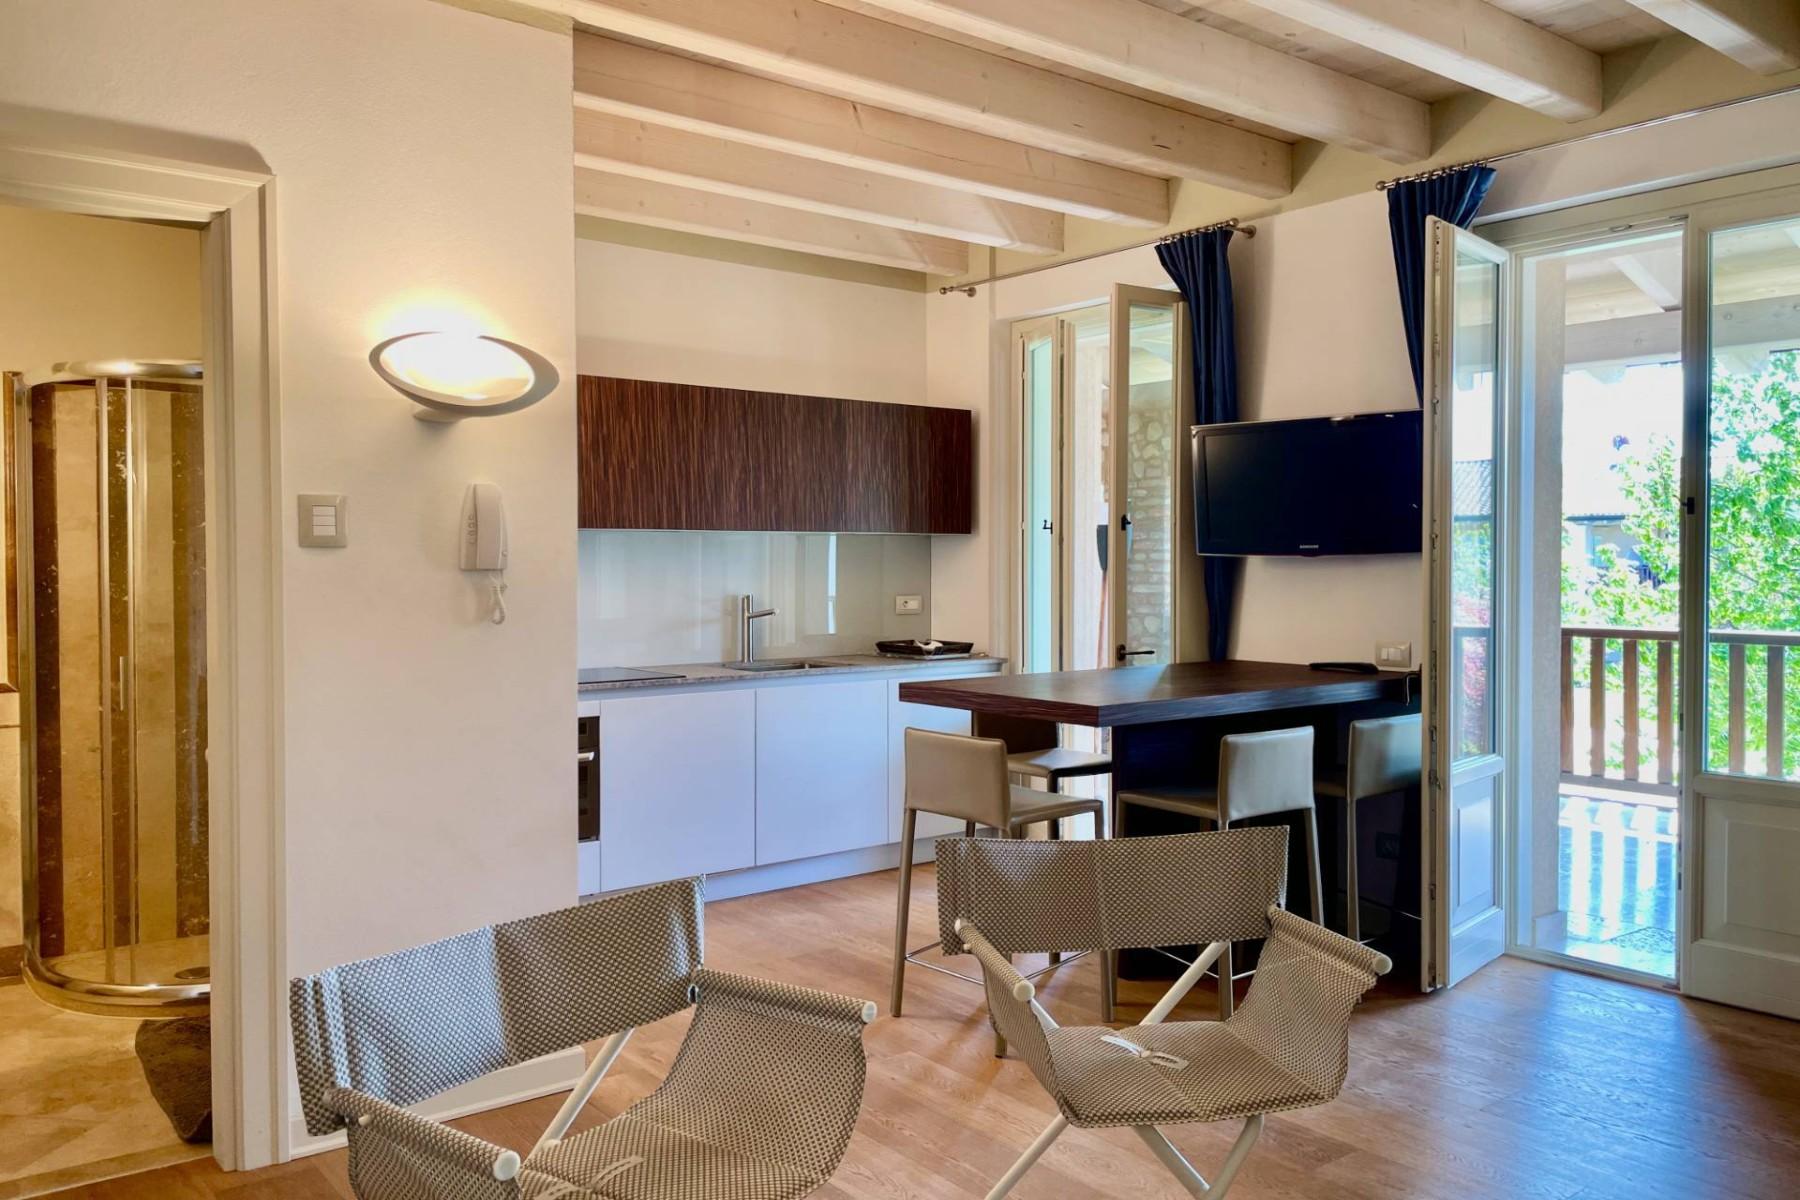 Appartamento in Vendita a Pozzolengo: 2 locali, 67 mq - Foto 7